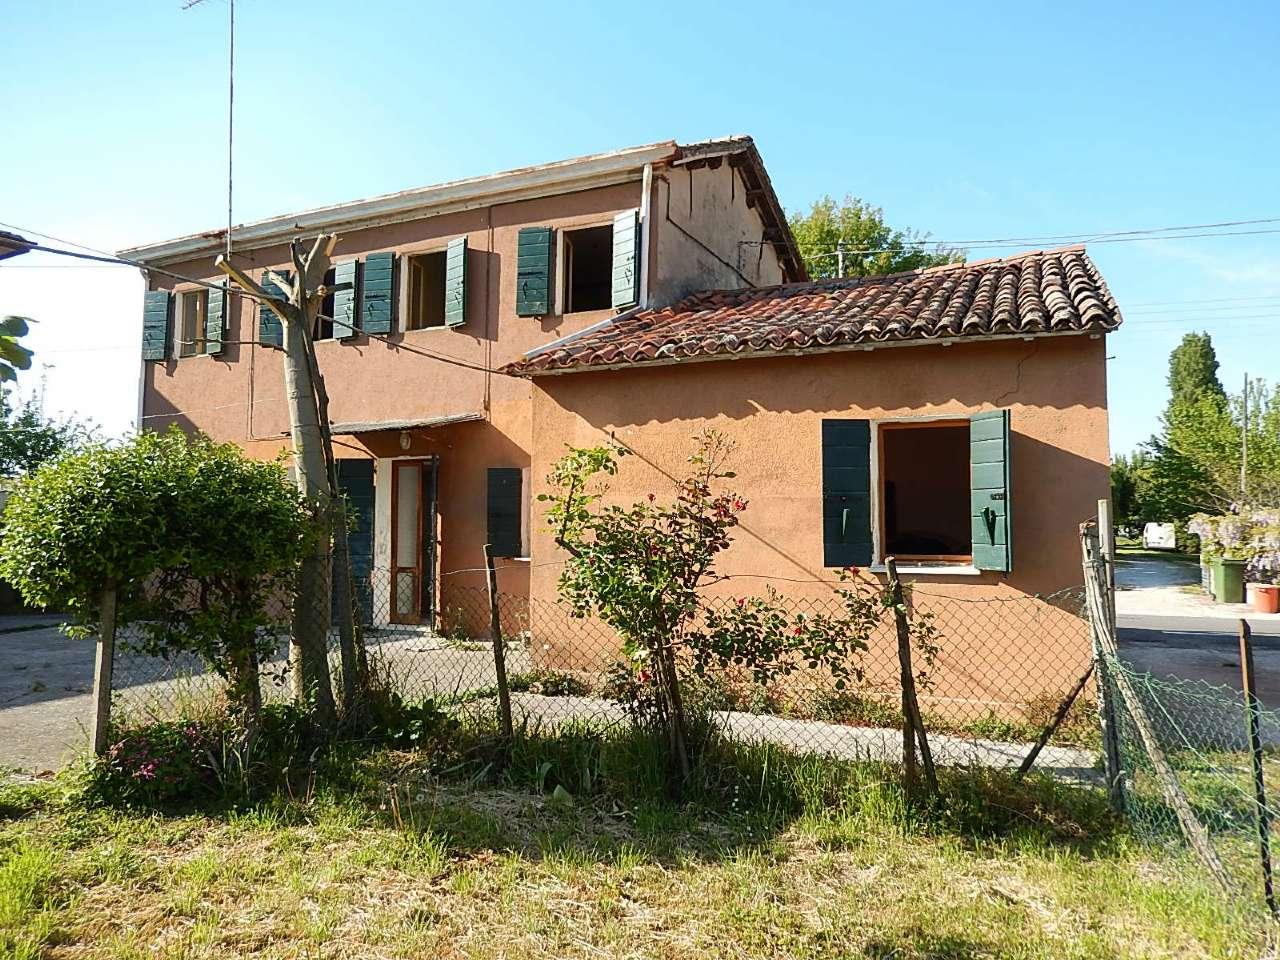 Rustico / Casale in vendita a Arzergrande, 3 locali, prezzo € 70.000 | Cambio Casa.it